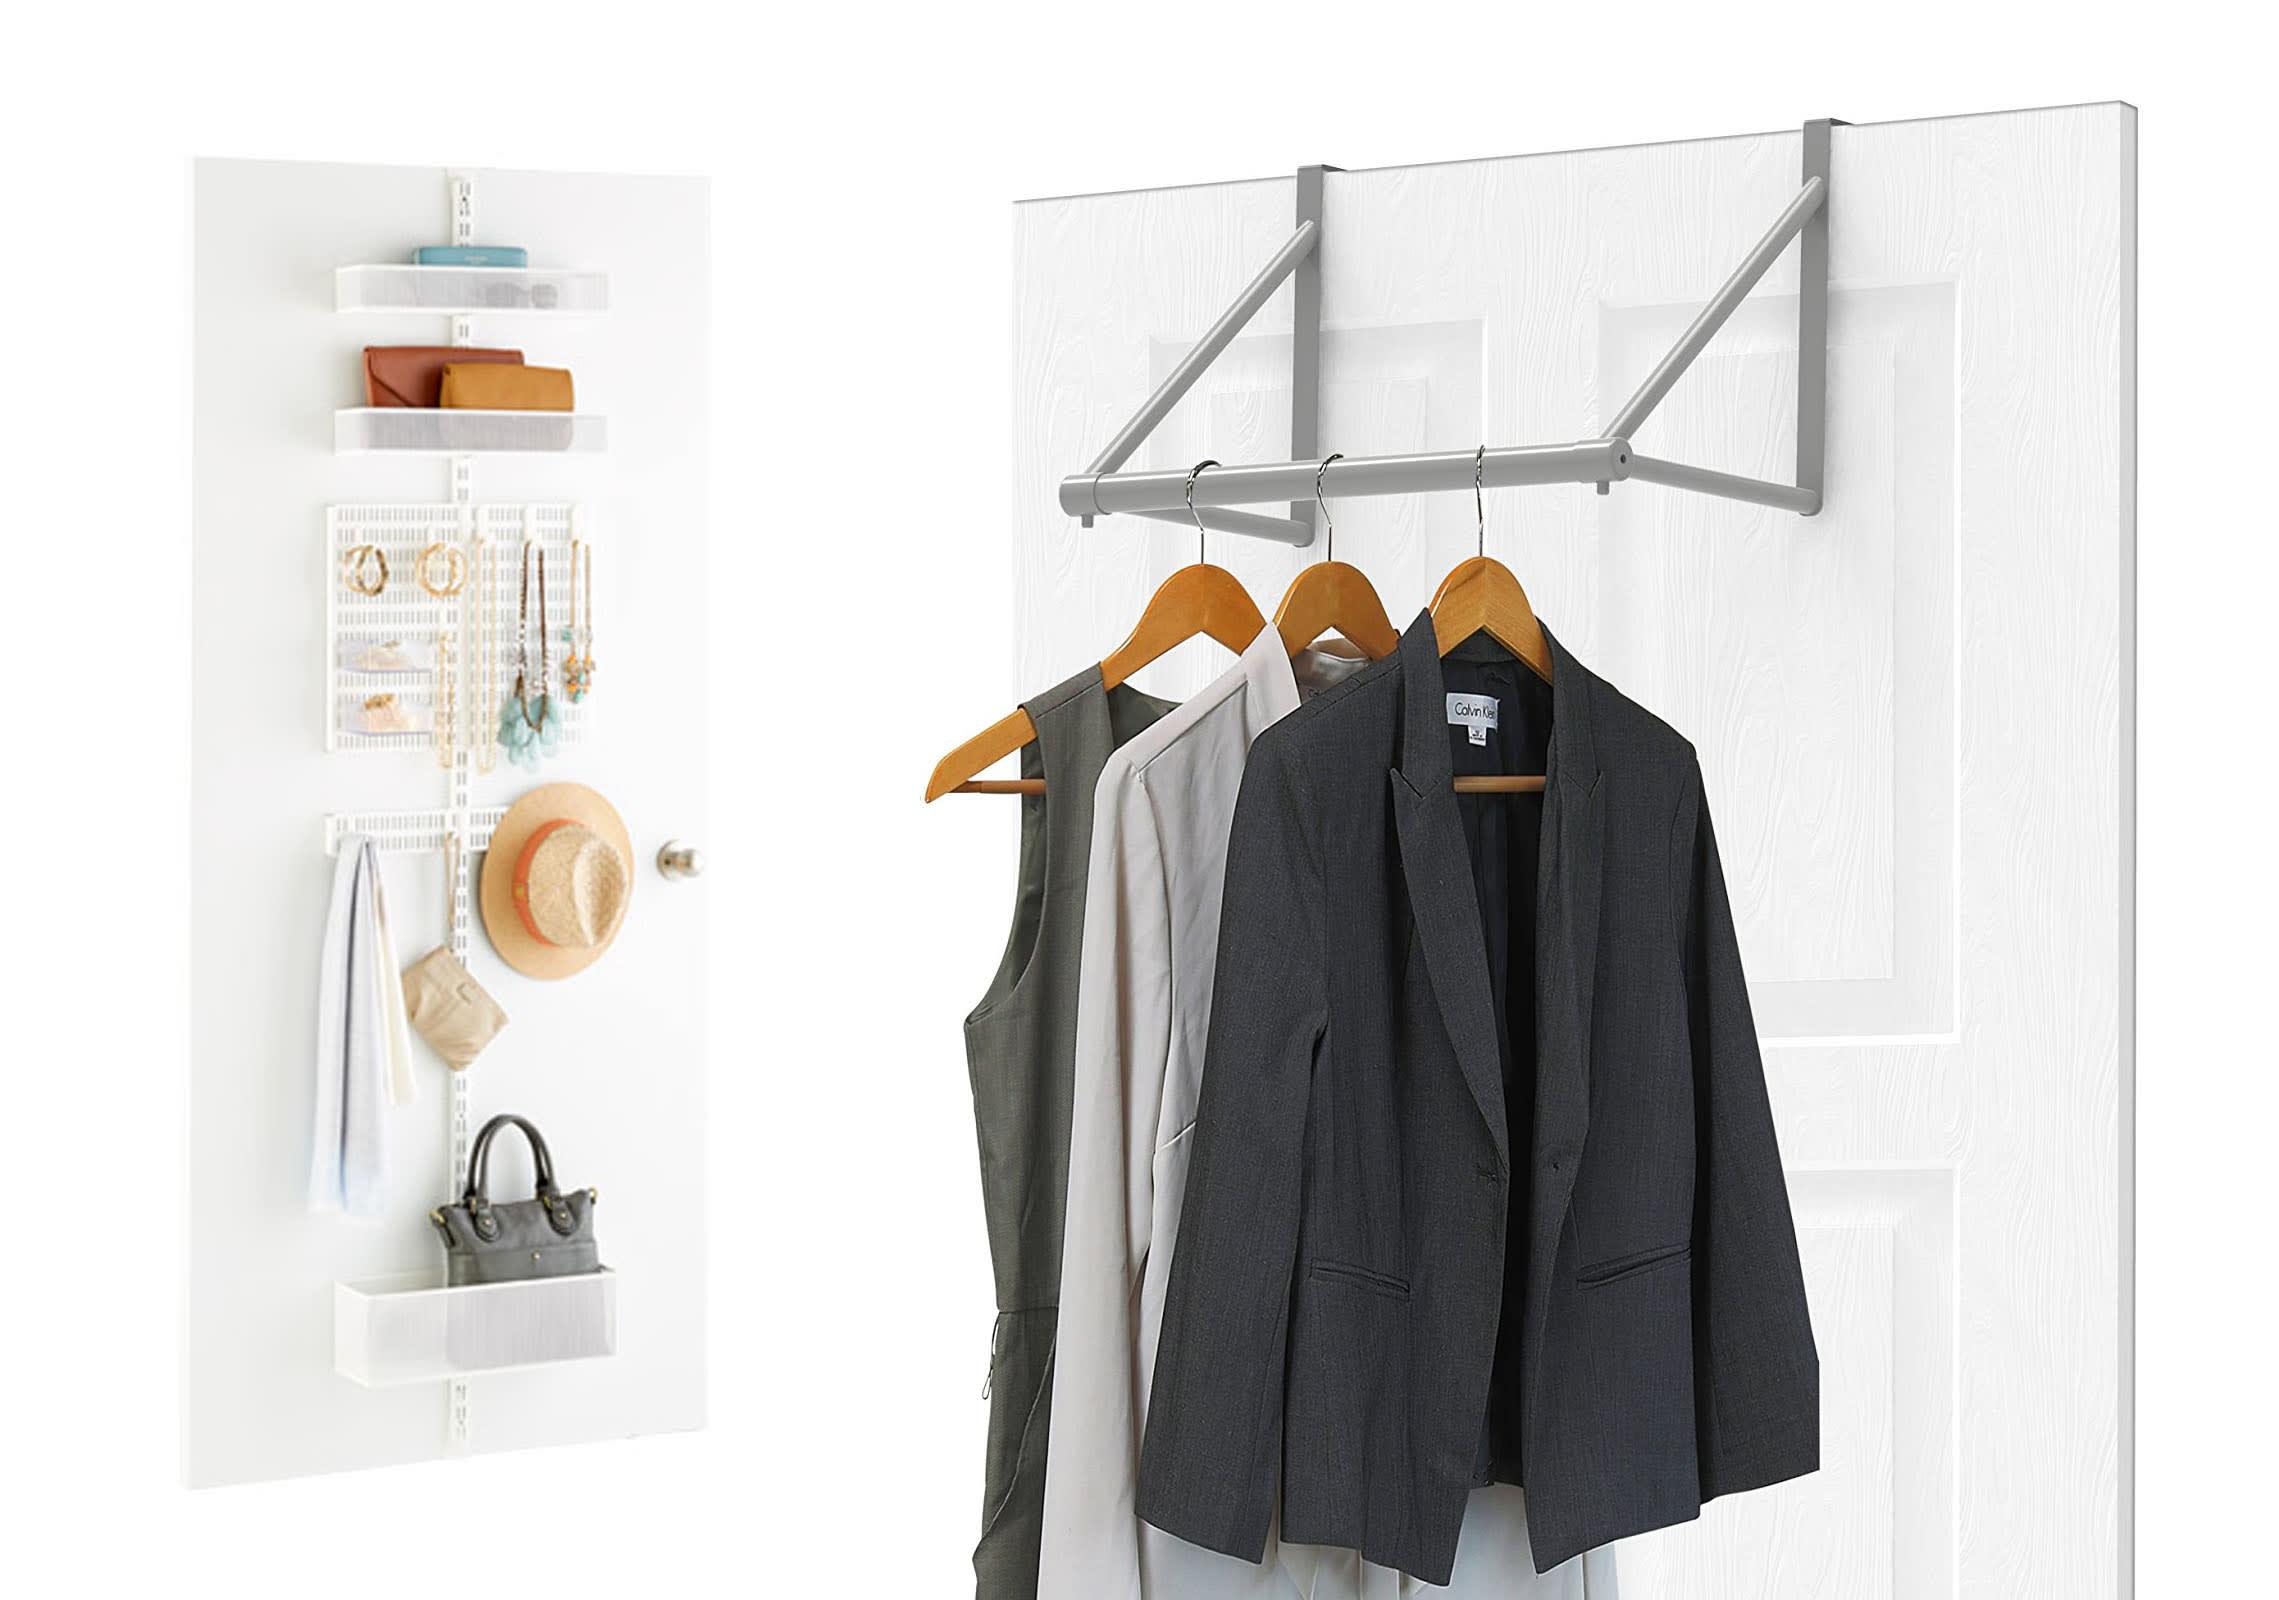 Over The Door Hanger Bedroom Wardrobe Door Hanger Increase Hanging Space